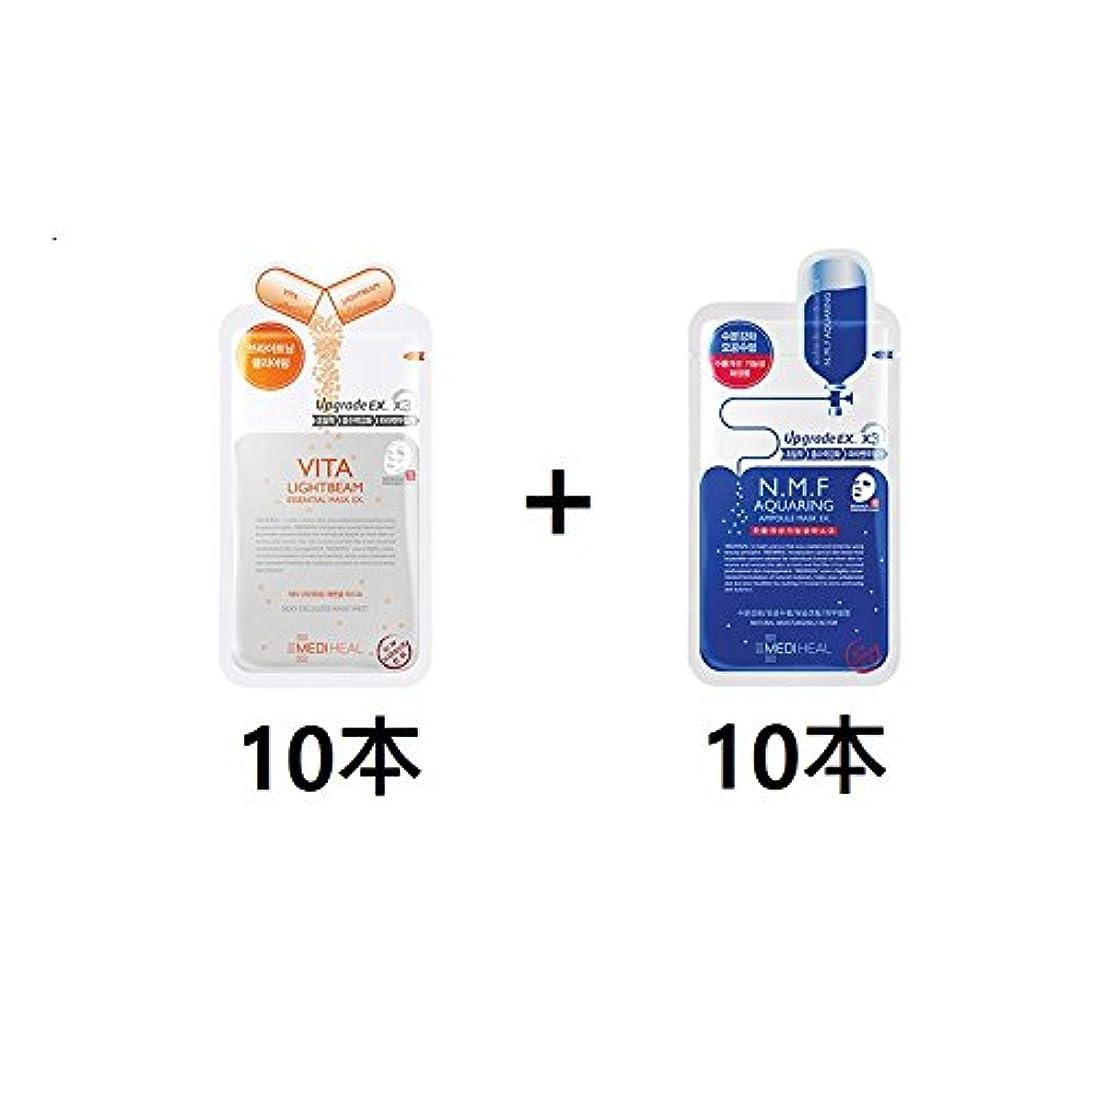 飢饉リラックスライム[10+10] [メディヒール] Mediheal [N.M.F アクアリング アンプルマスク EX (10枚)] + [ Vita Lightbeam ビター ライトビーム エッセンシャル マスクパック EX (10枚...